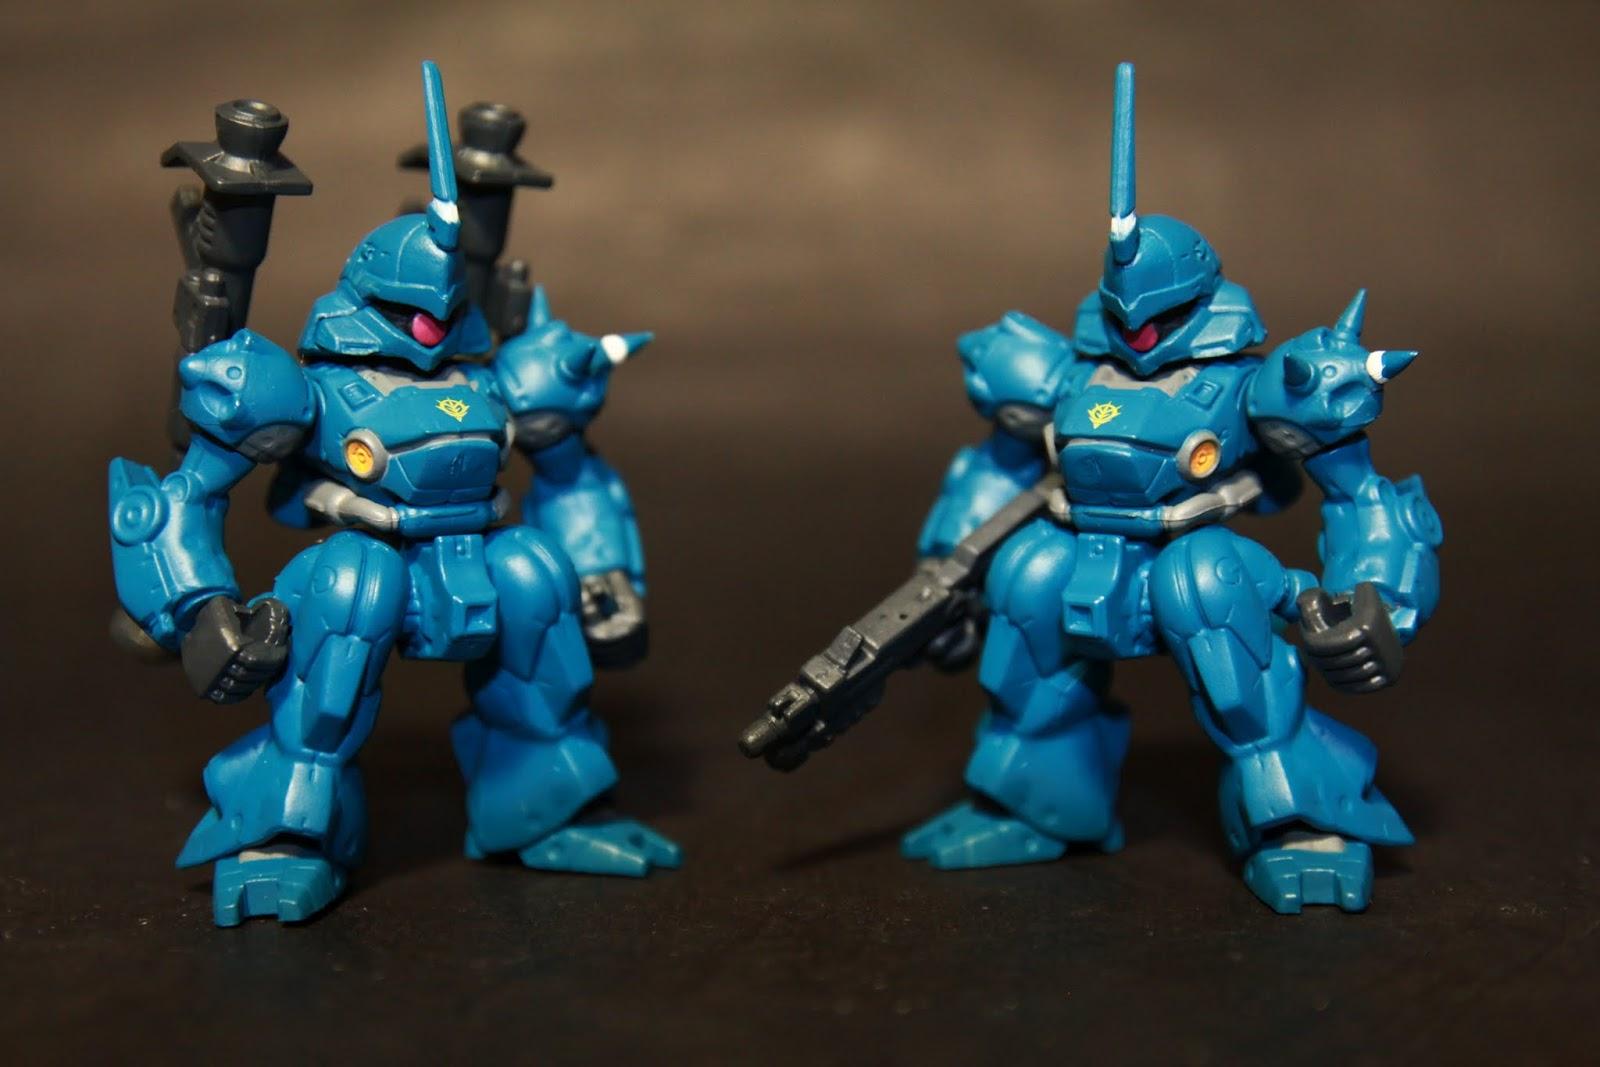 相較一般版的雜兵感 左邊的隱藏版整個就是王牌機啊!